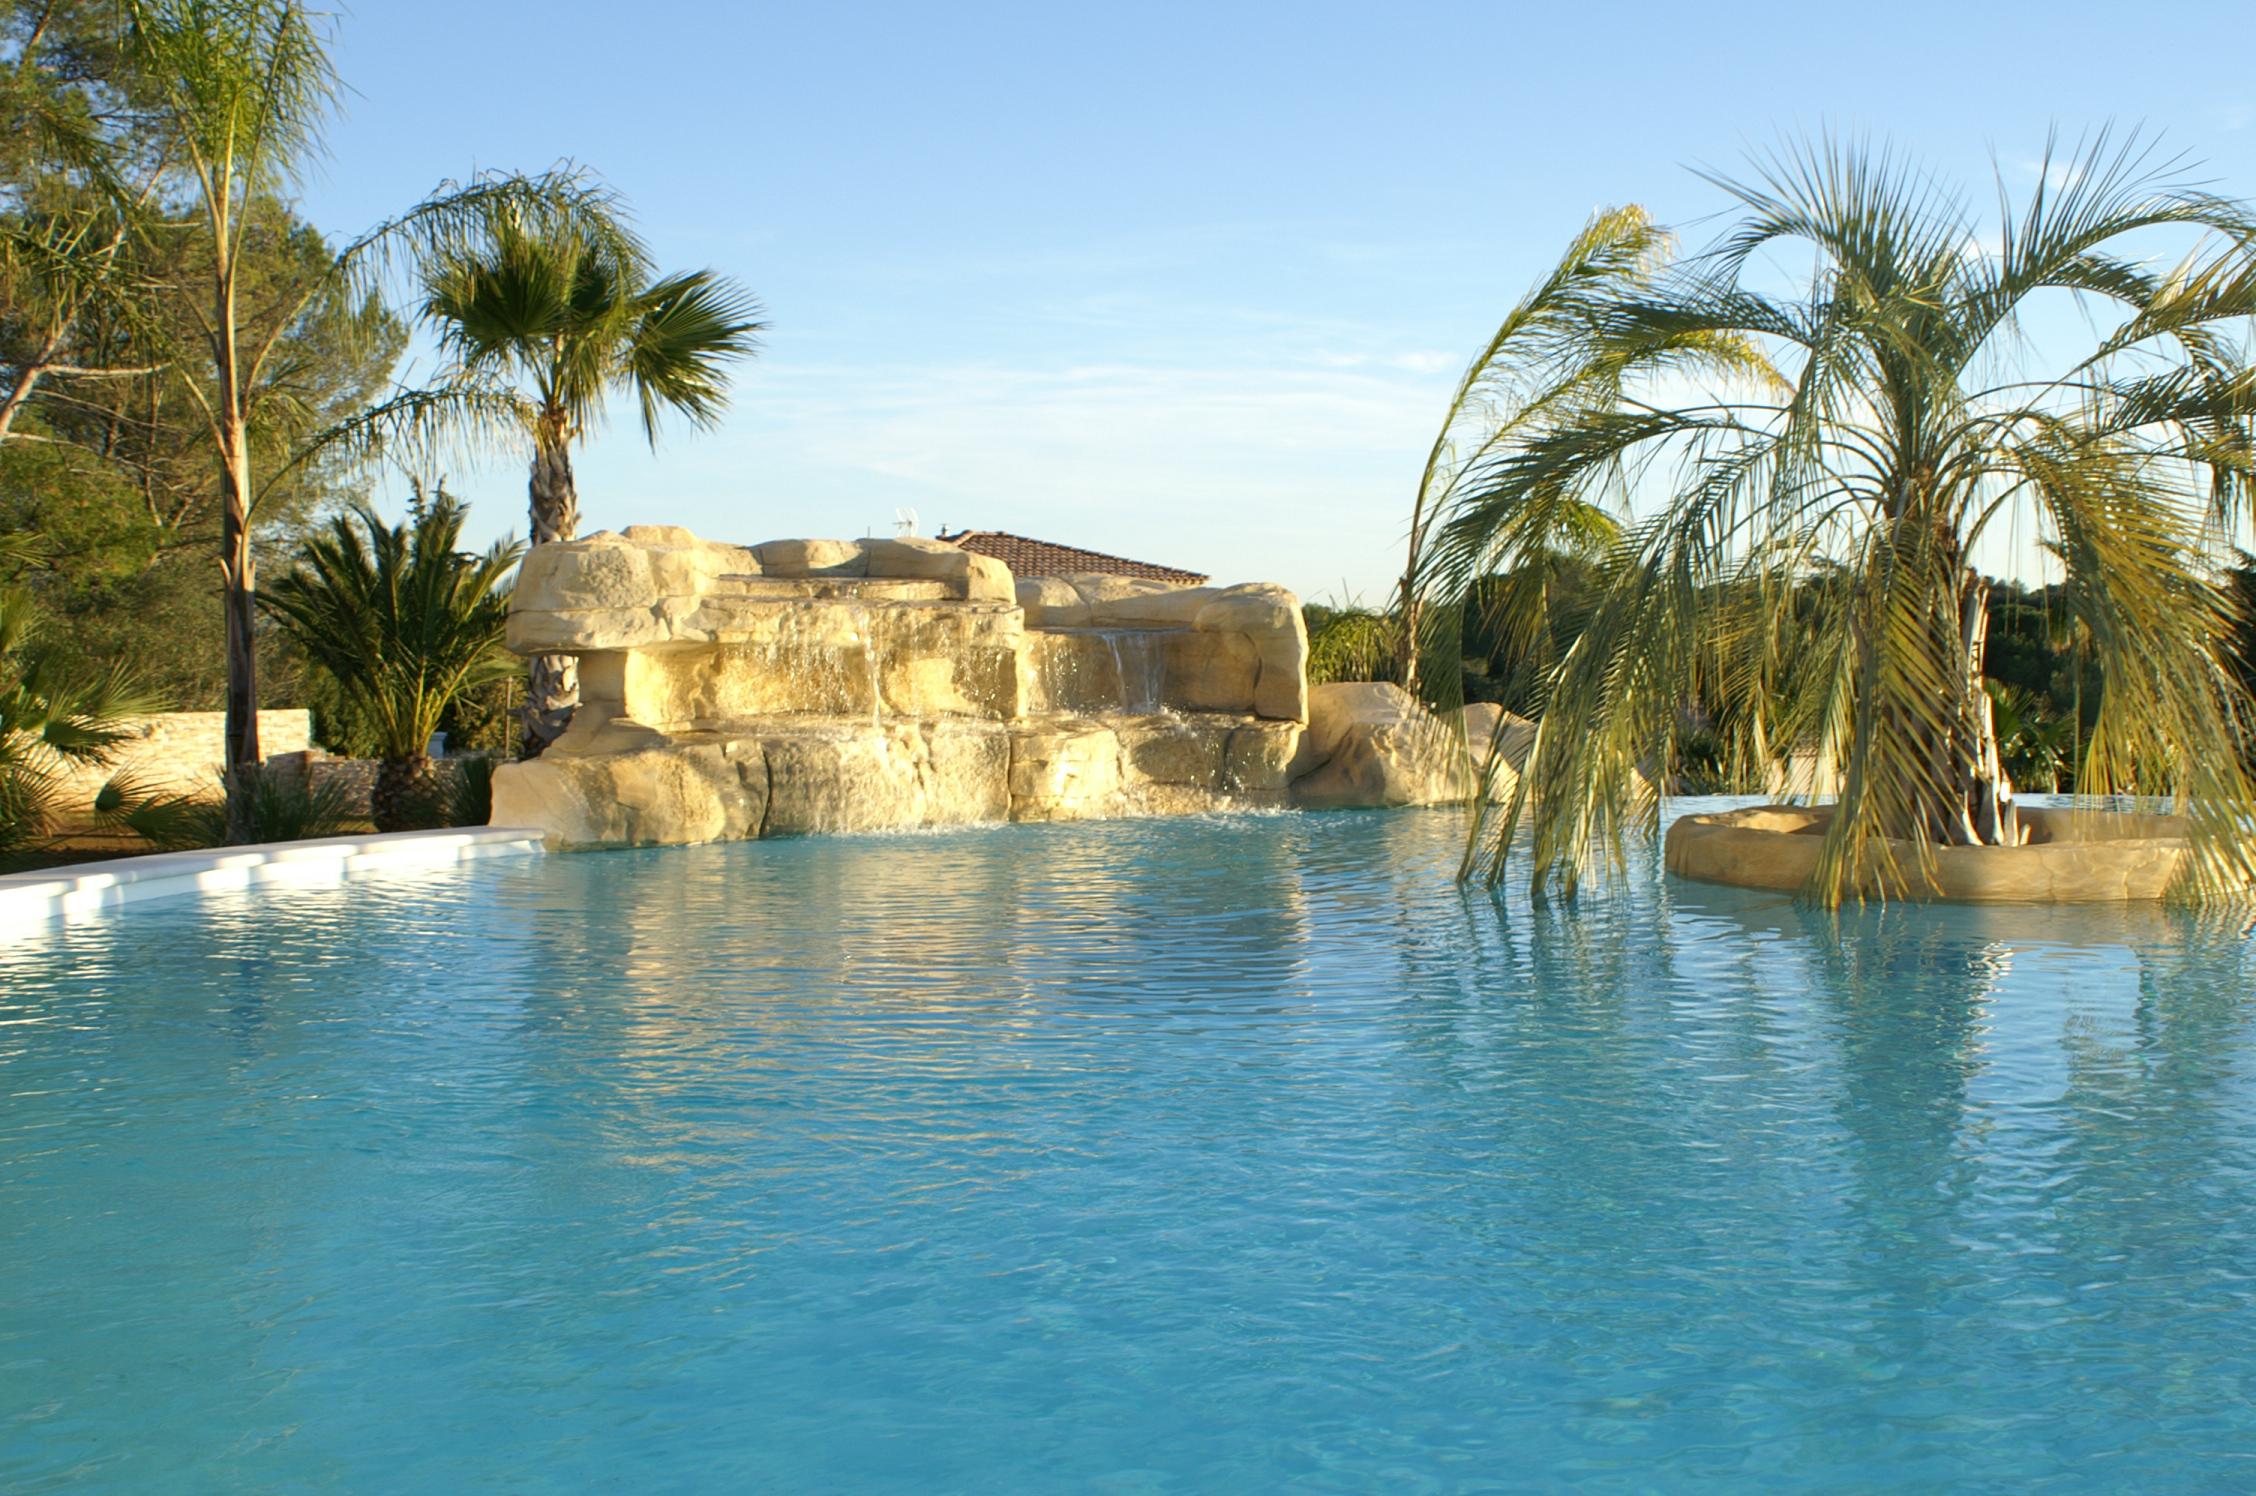 Construction piscines Nimes- piscines_nimes-installation_piscines-amenagement_piscine-piscine_en_kit-piscine_en_bois-piscine_hors_sol-terrassement_piscine-installation_spa-renovation_piscines